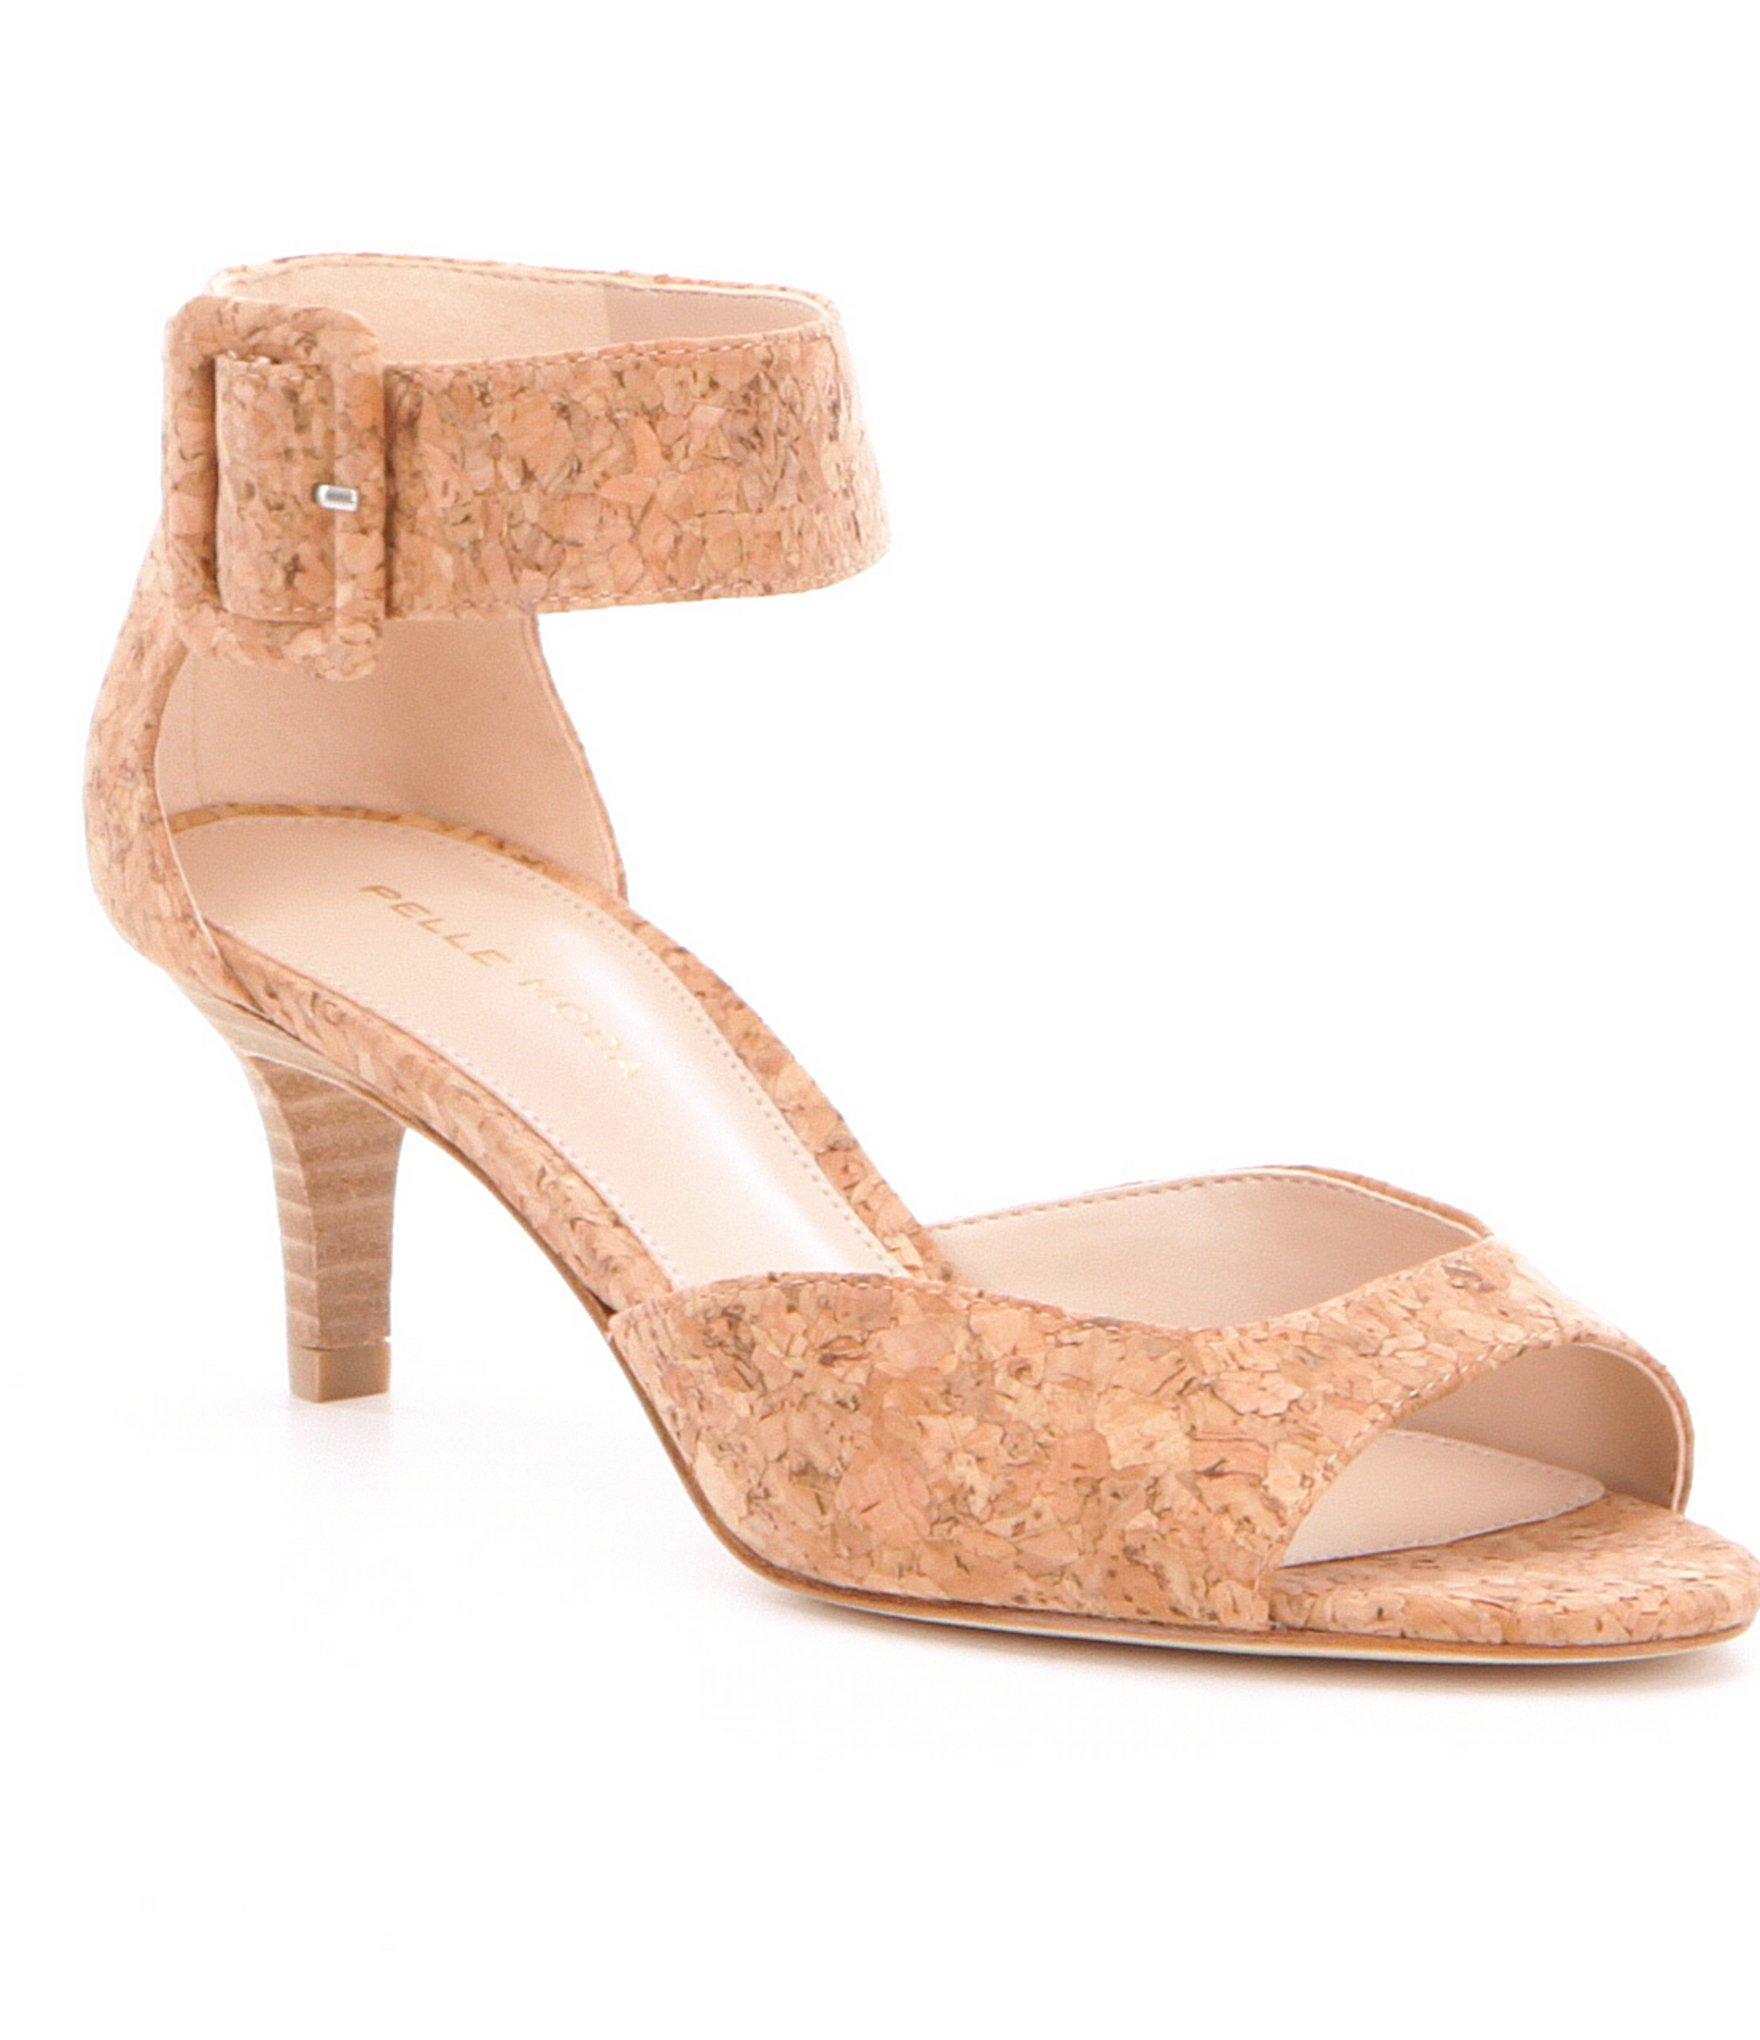 Lyst Pelle Moda Pella Moda Berlin Cork Dress Sandals In